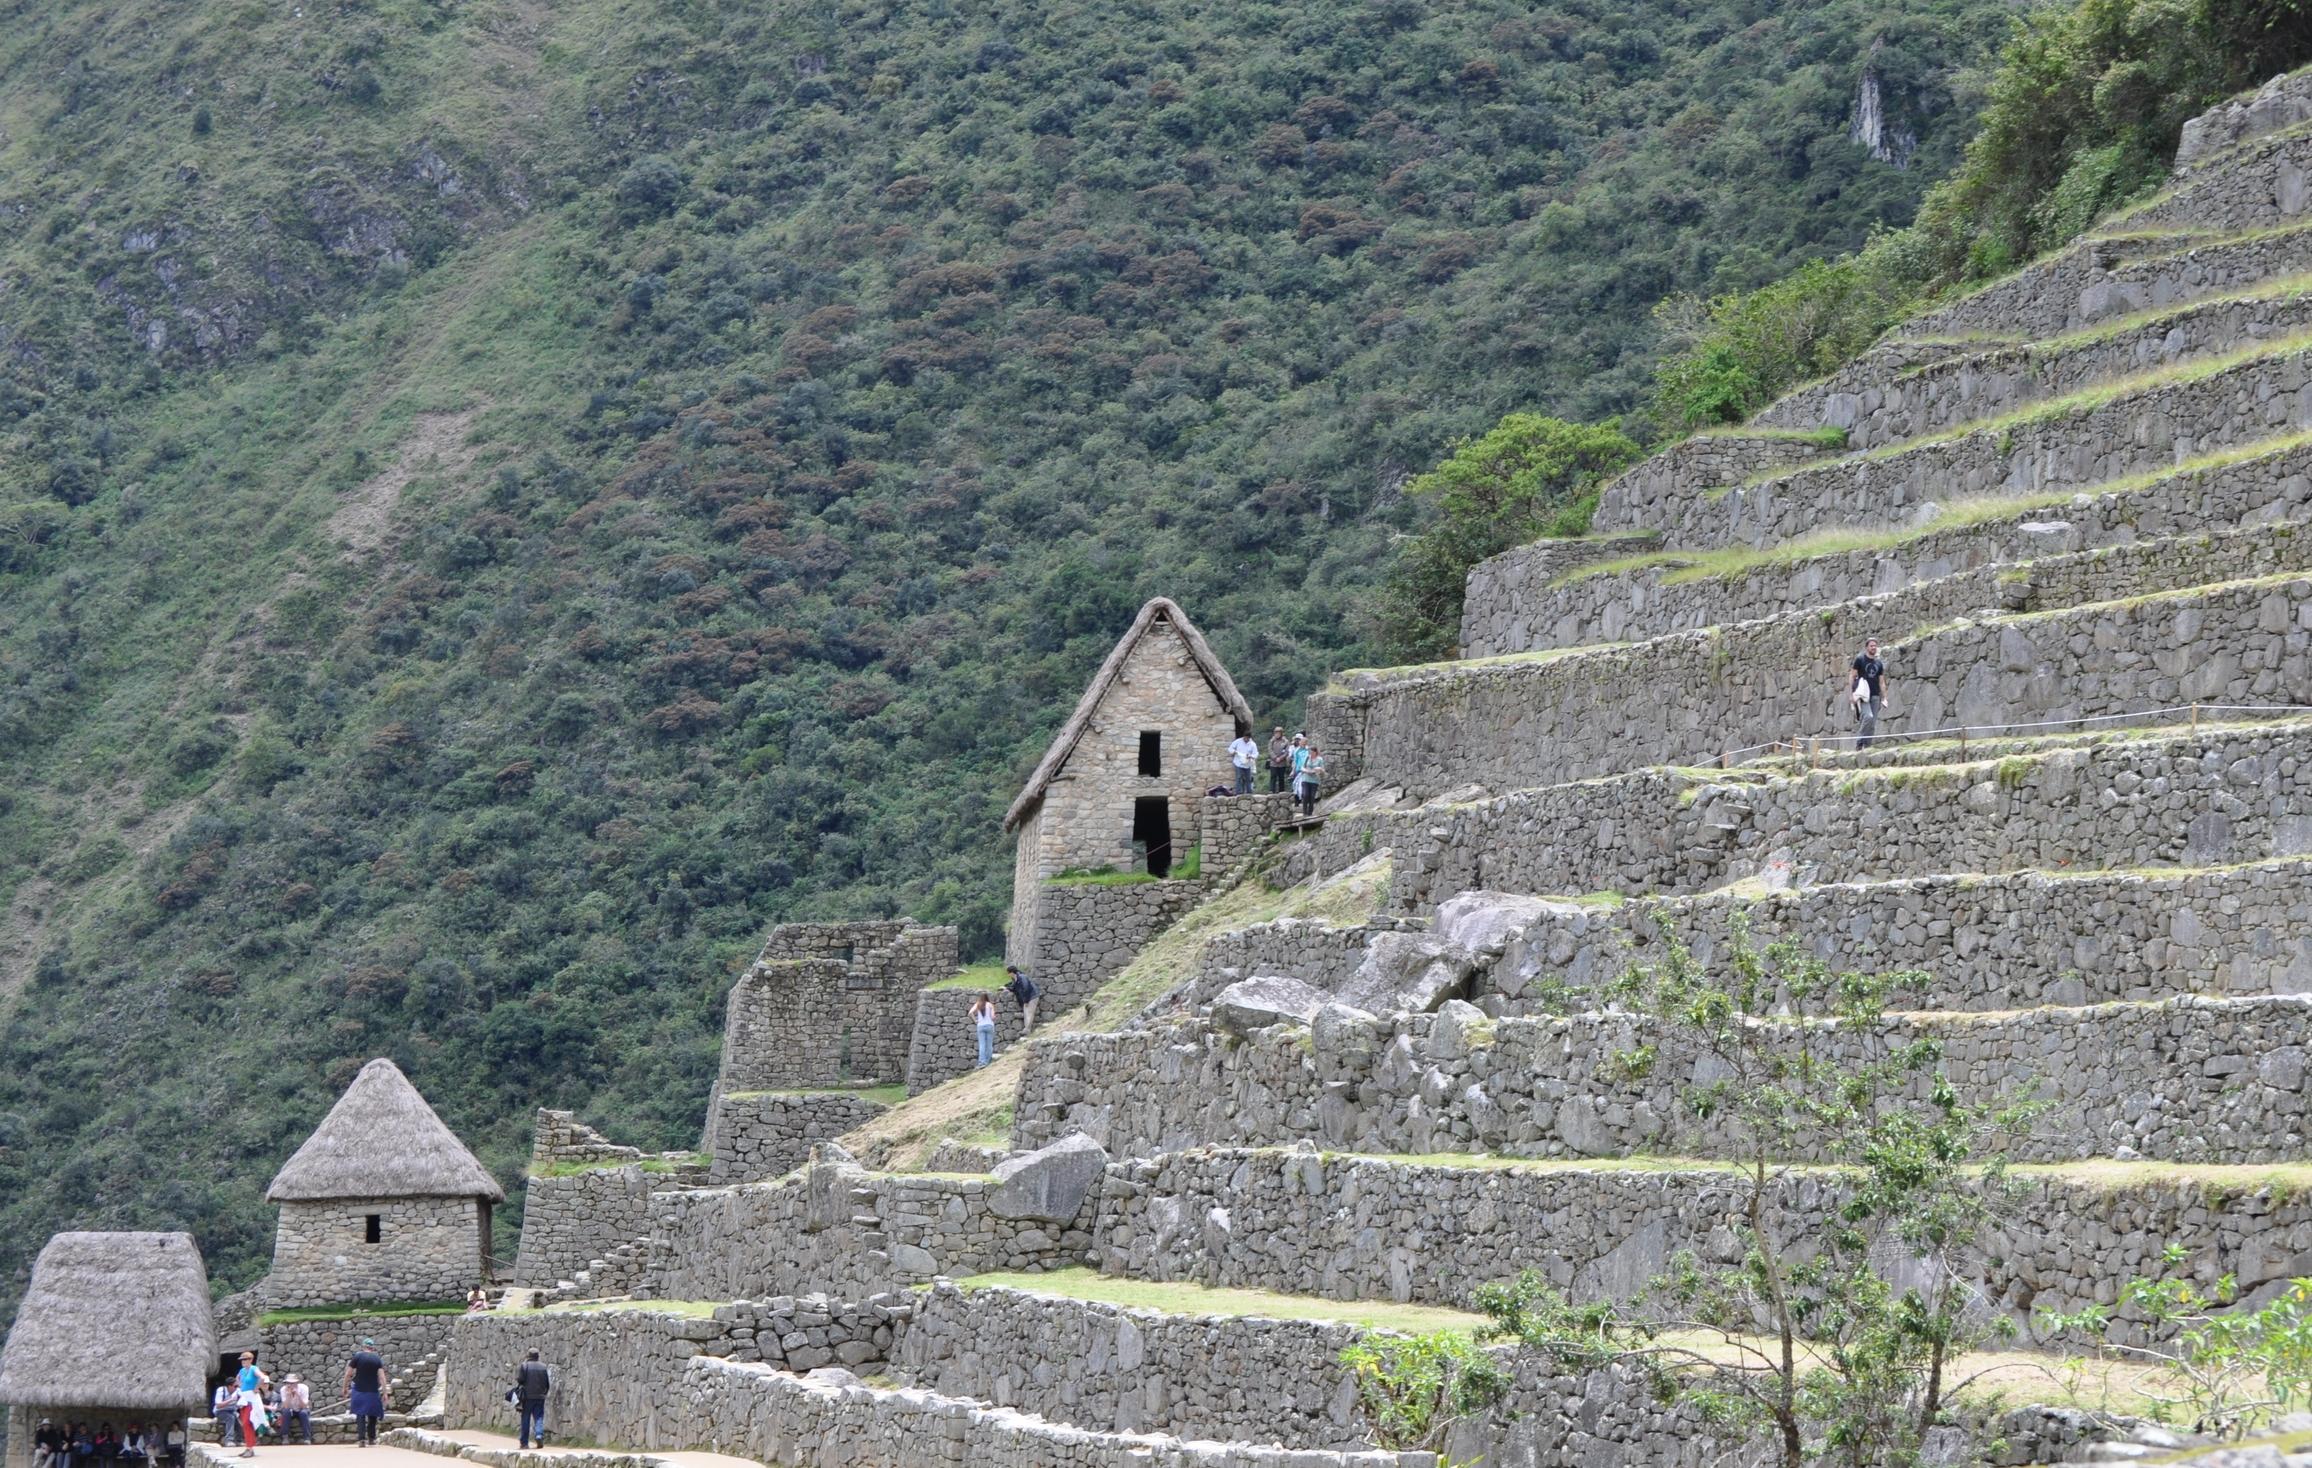 El 7 de julio de 2007 Machu Picchu fue declarada como una de las nuevas siete maravillas del mundo moderno. Foto: Pamy Rojas